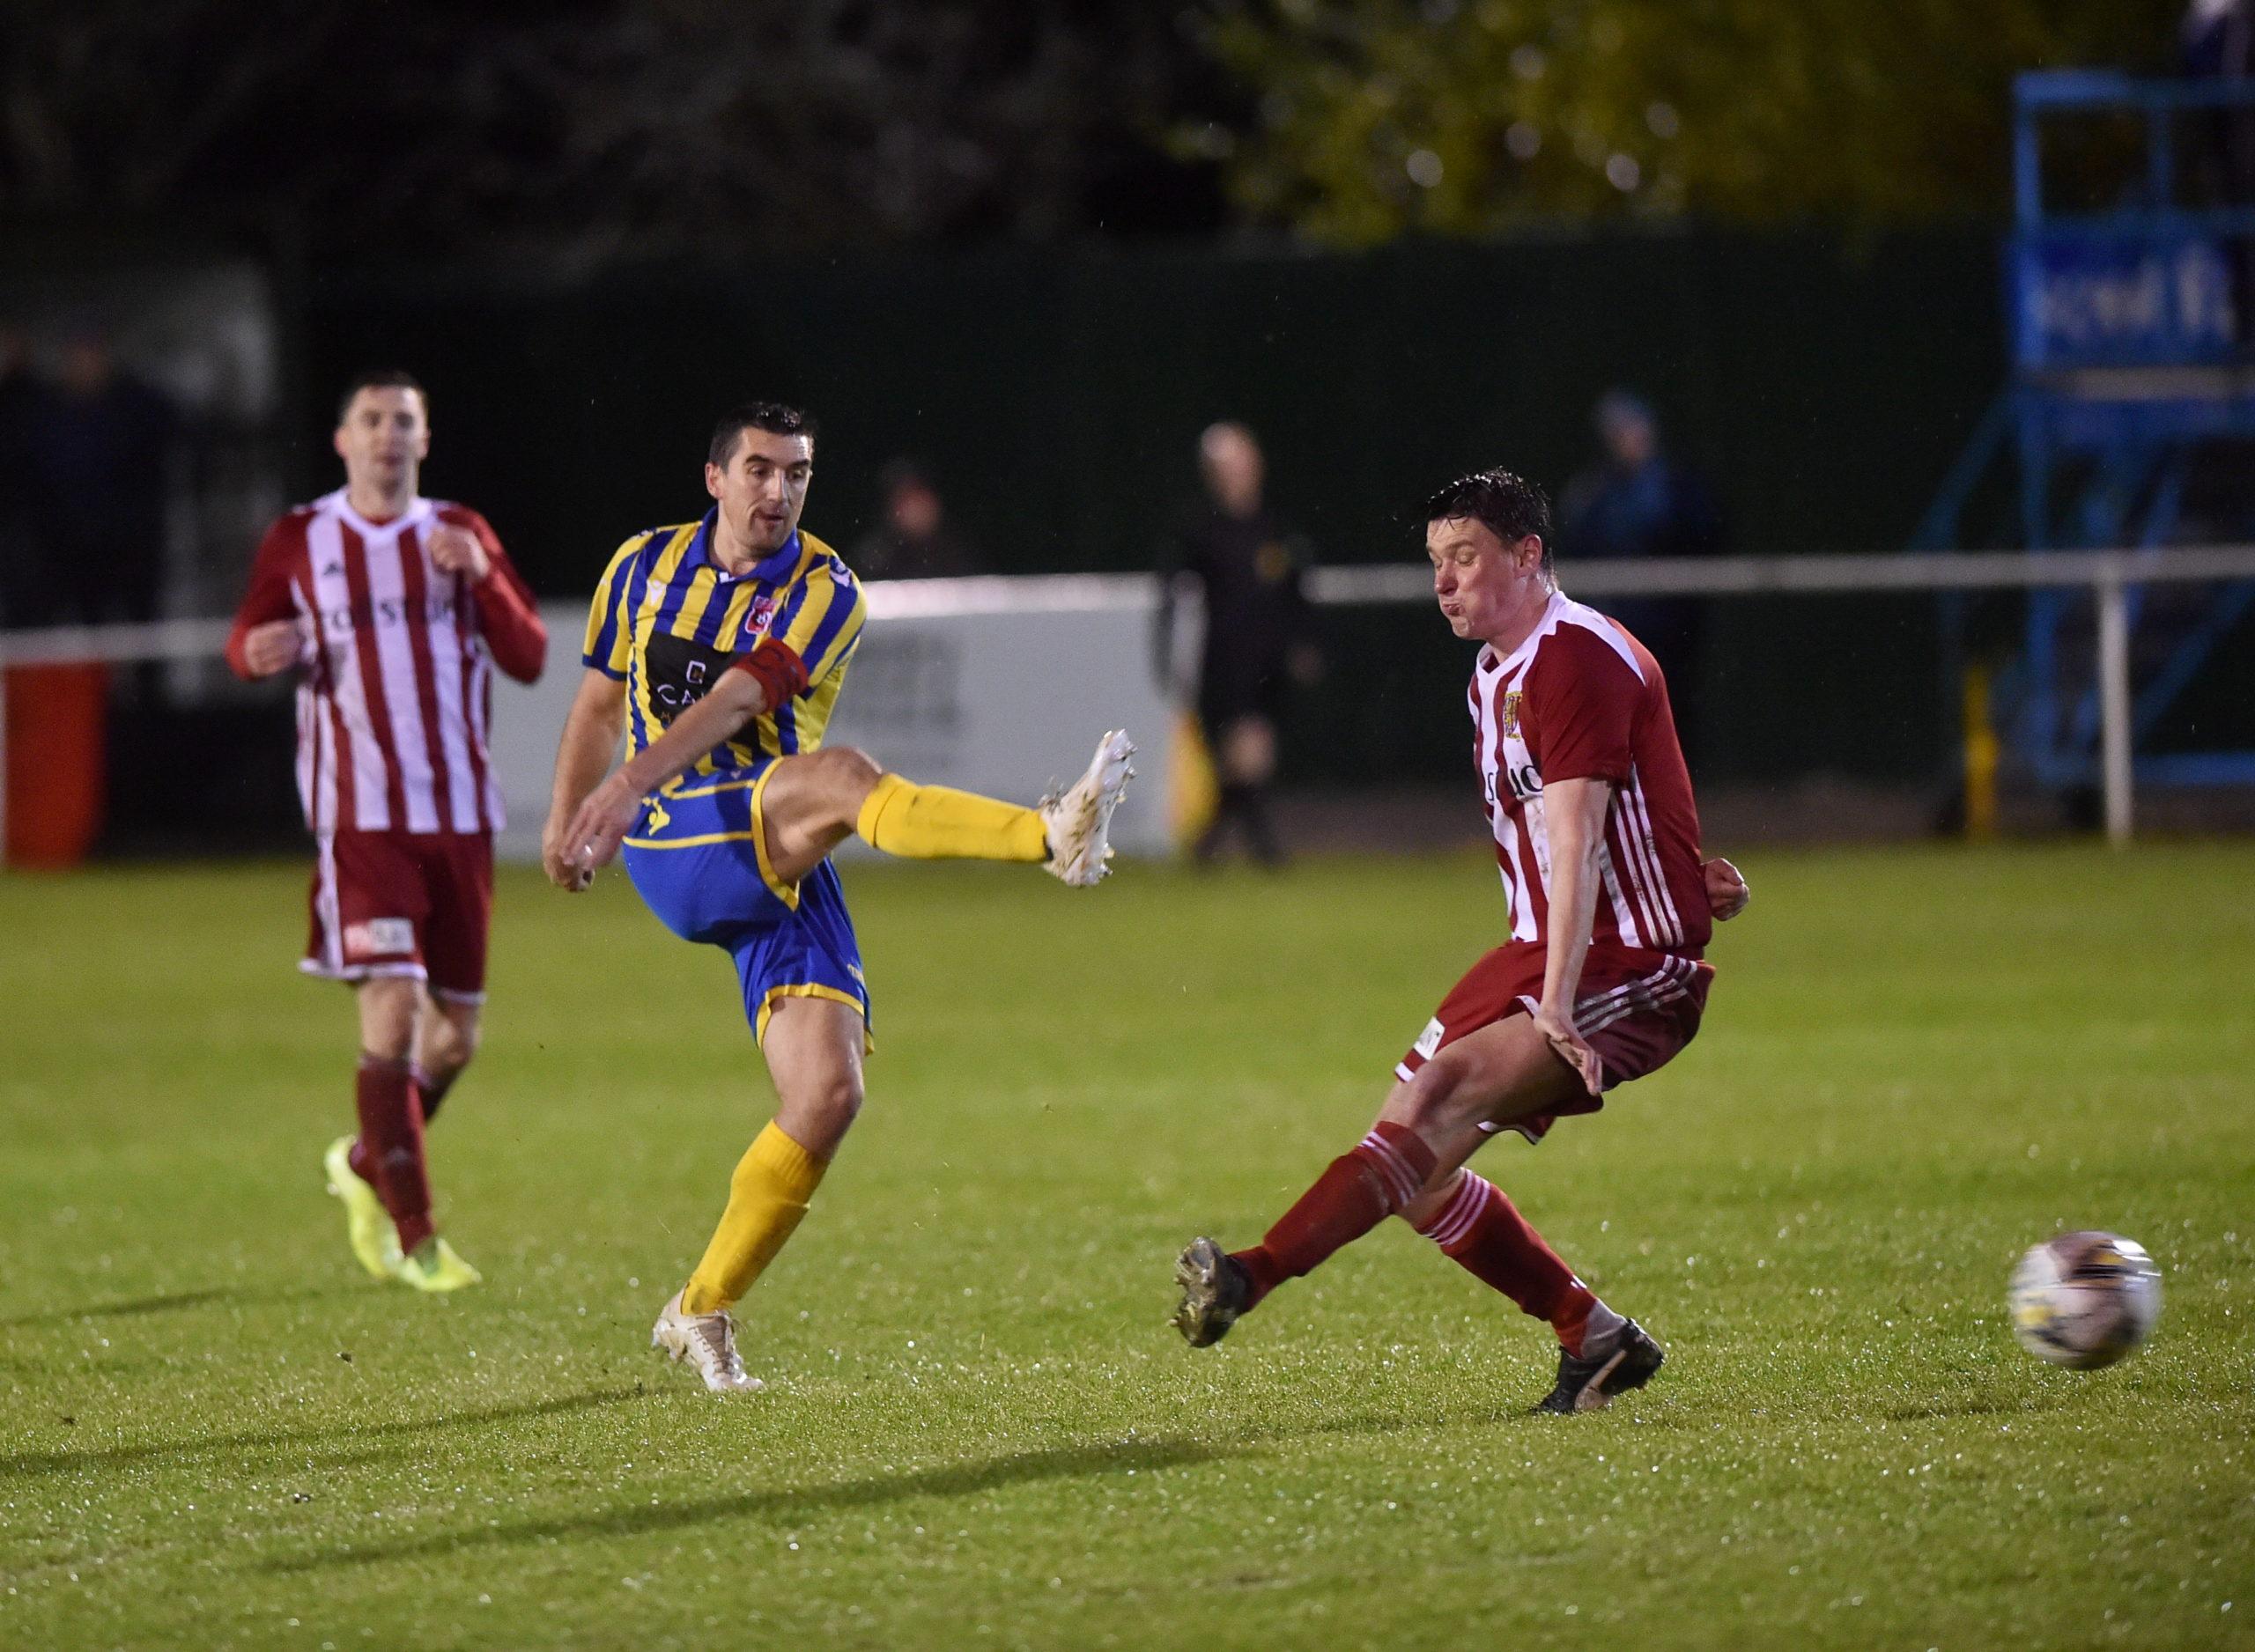 Locos captain Neil McLean, centre has a shot on goal. Picture by Scott Baxter